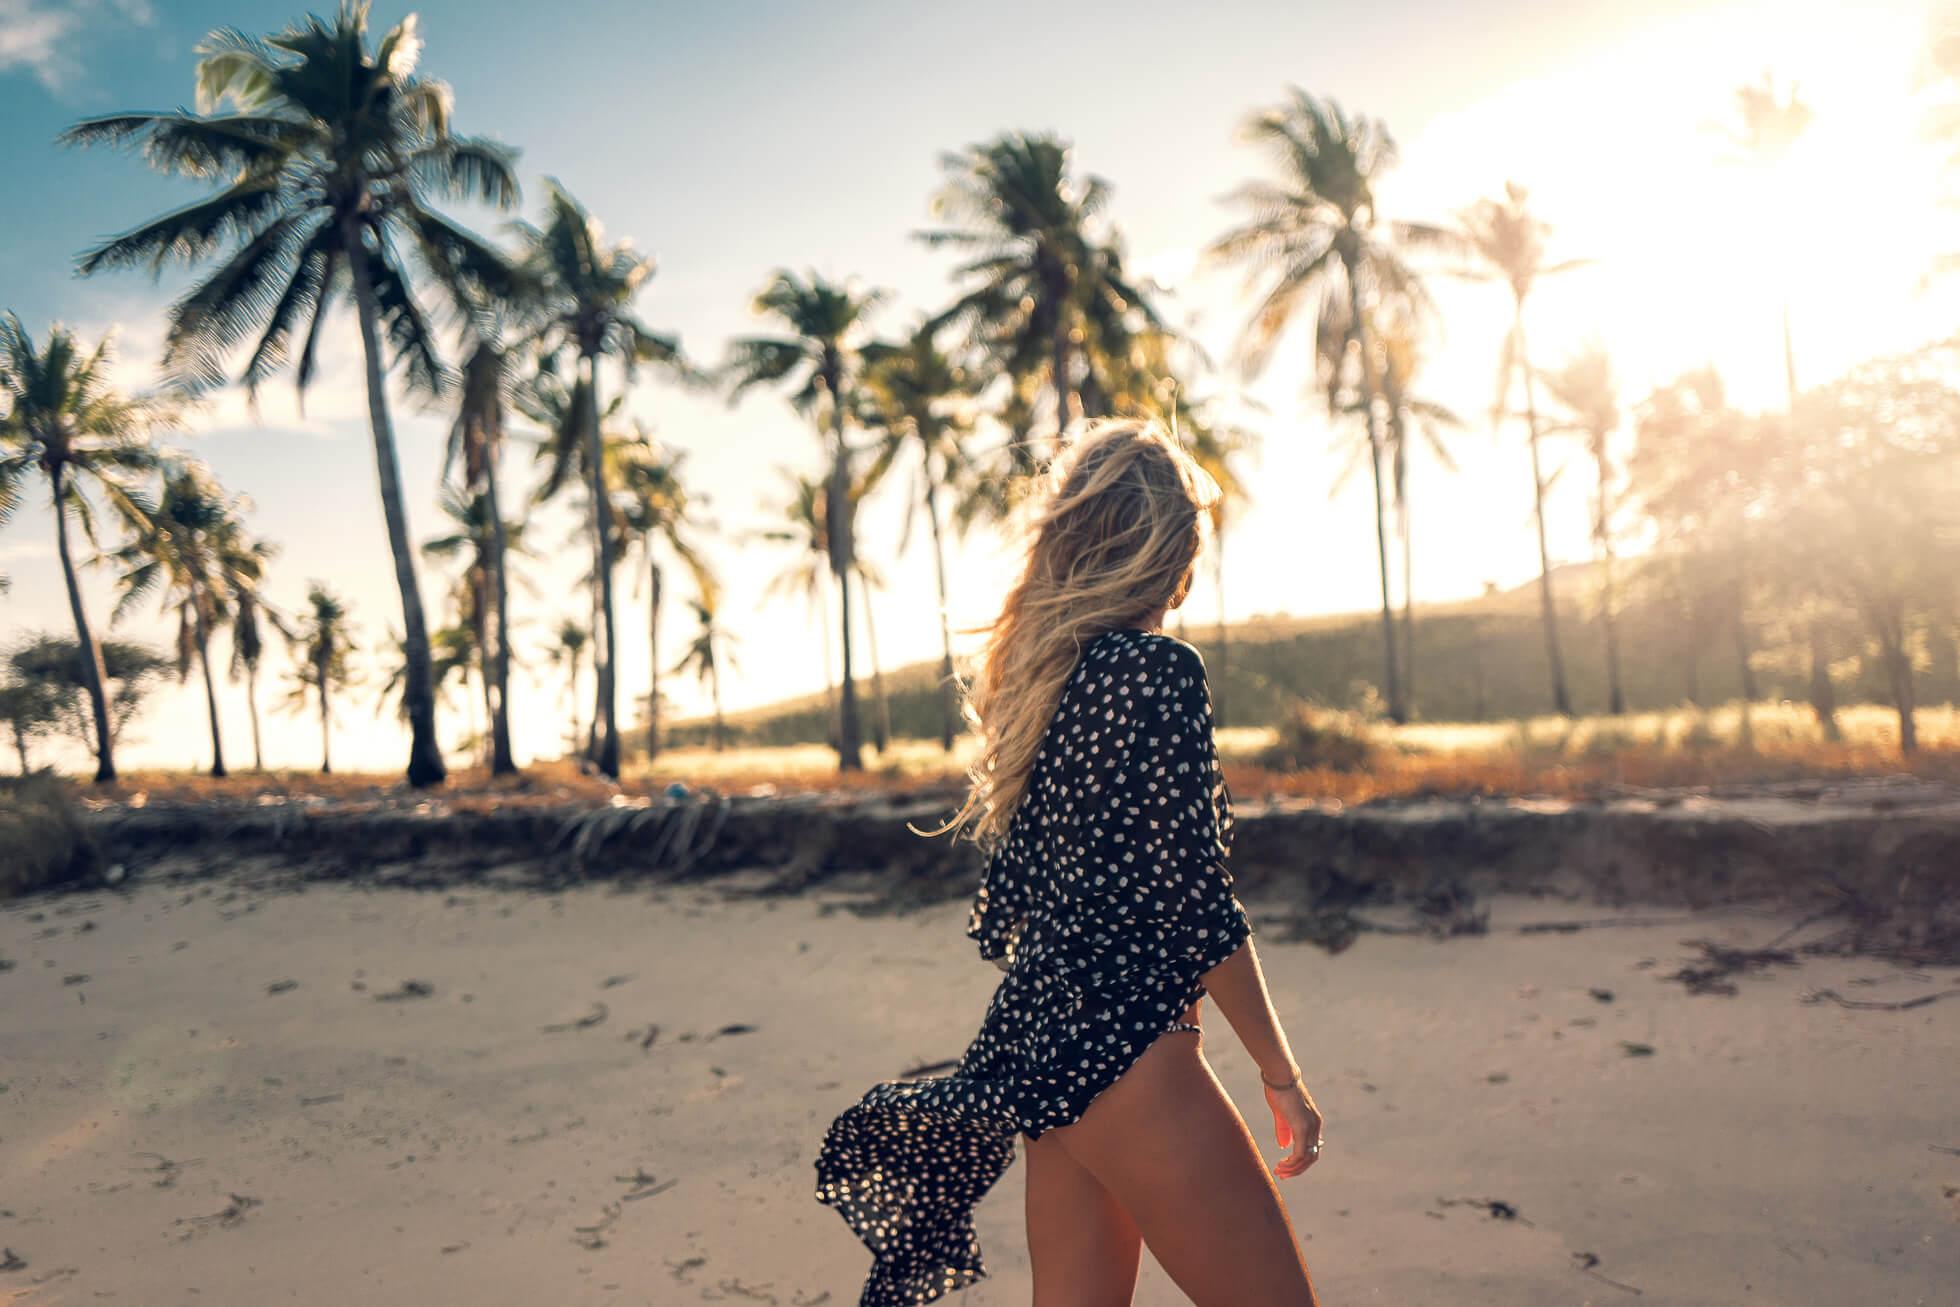 janni-deler-palm-tree-islandL1030414-Redigera